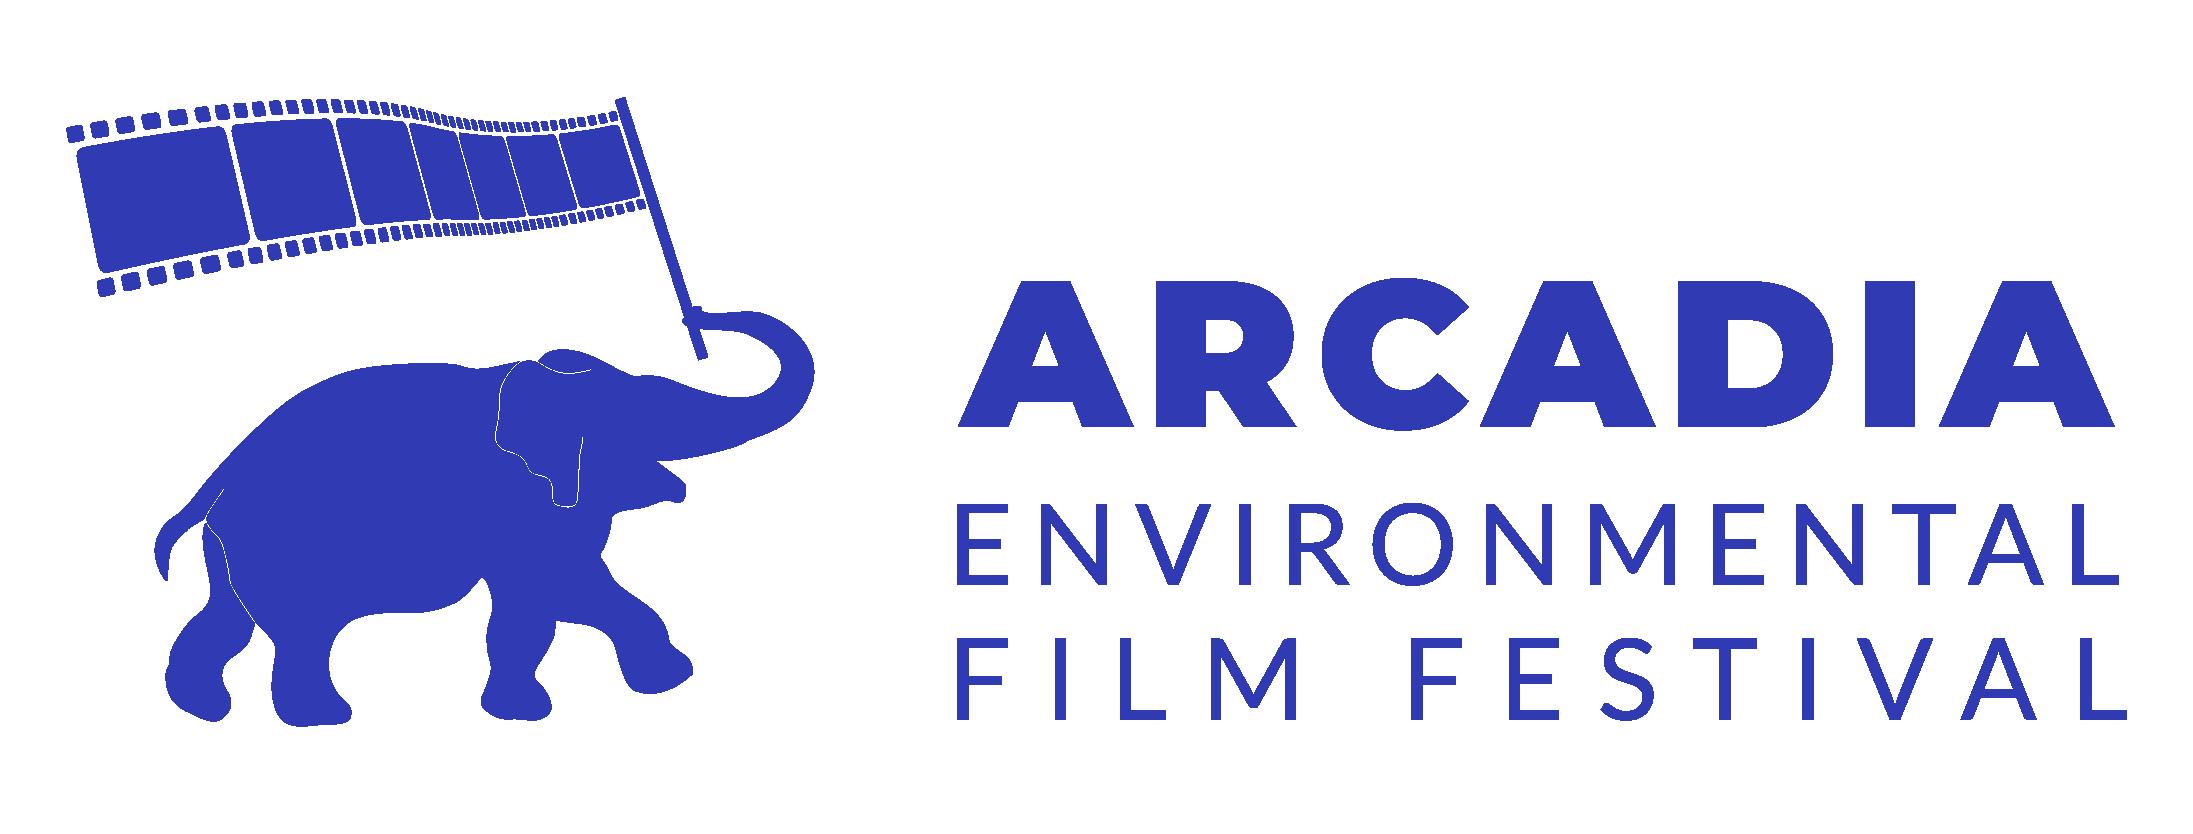 Arcadia Film Festival